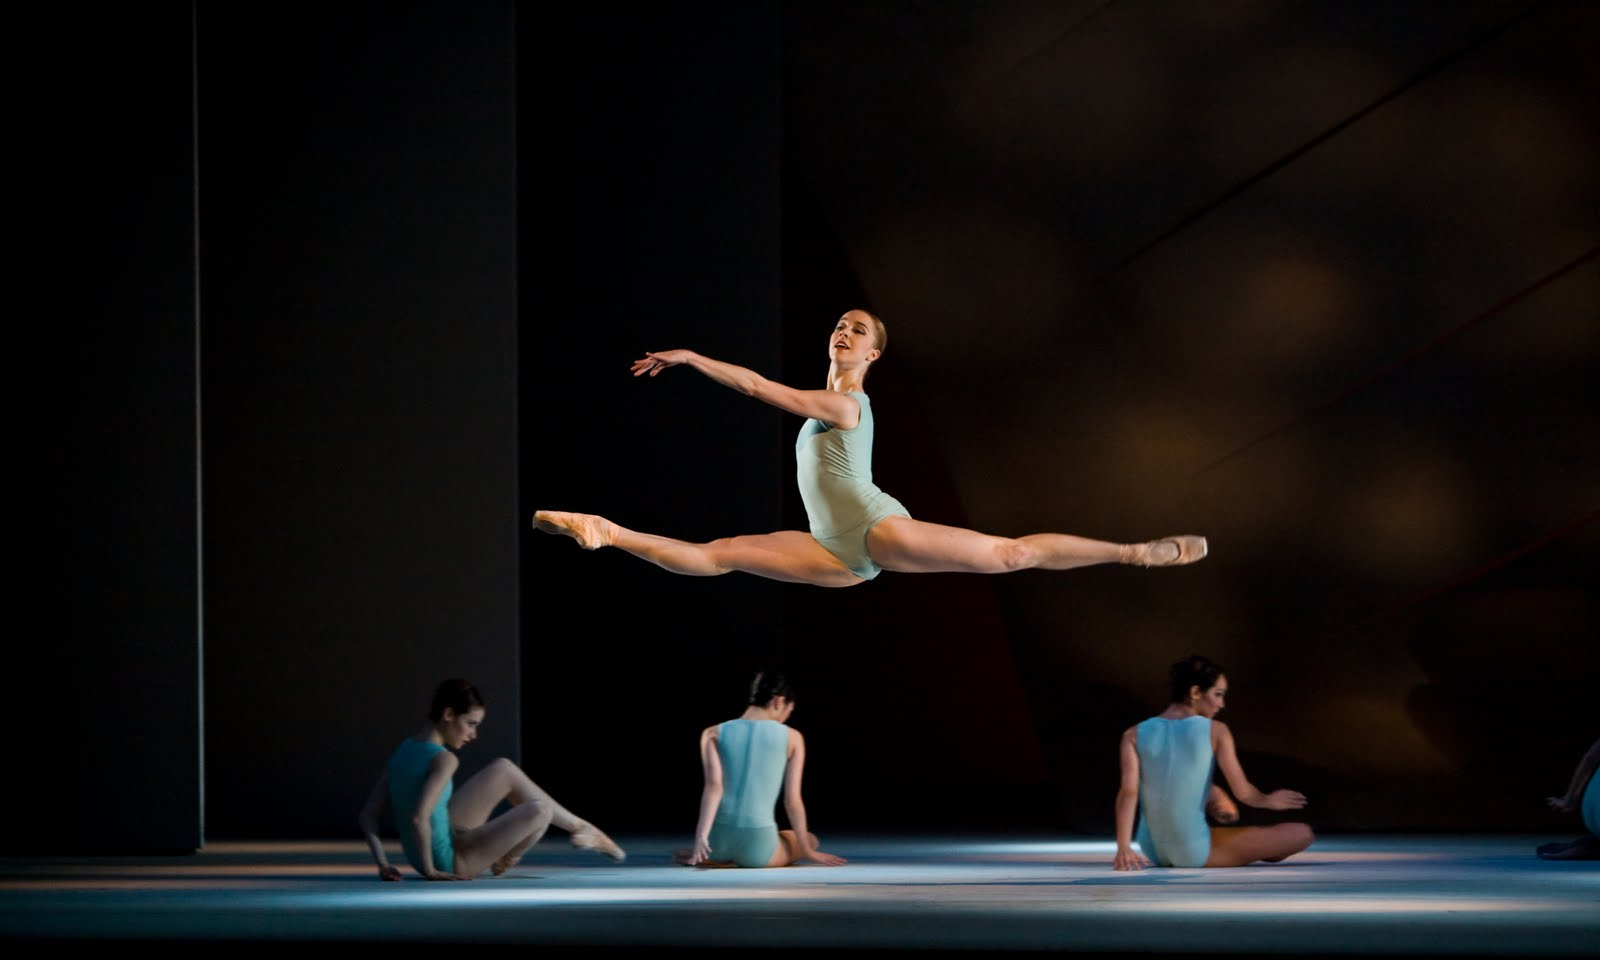 Nathalie Harrison in Alastair Marriott's Sensorium for The Royal Ballet, Photo :  Andre Uspenski